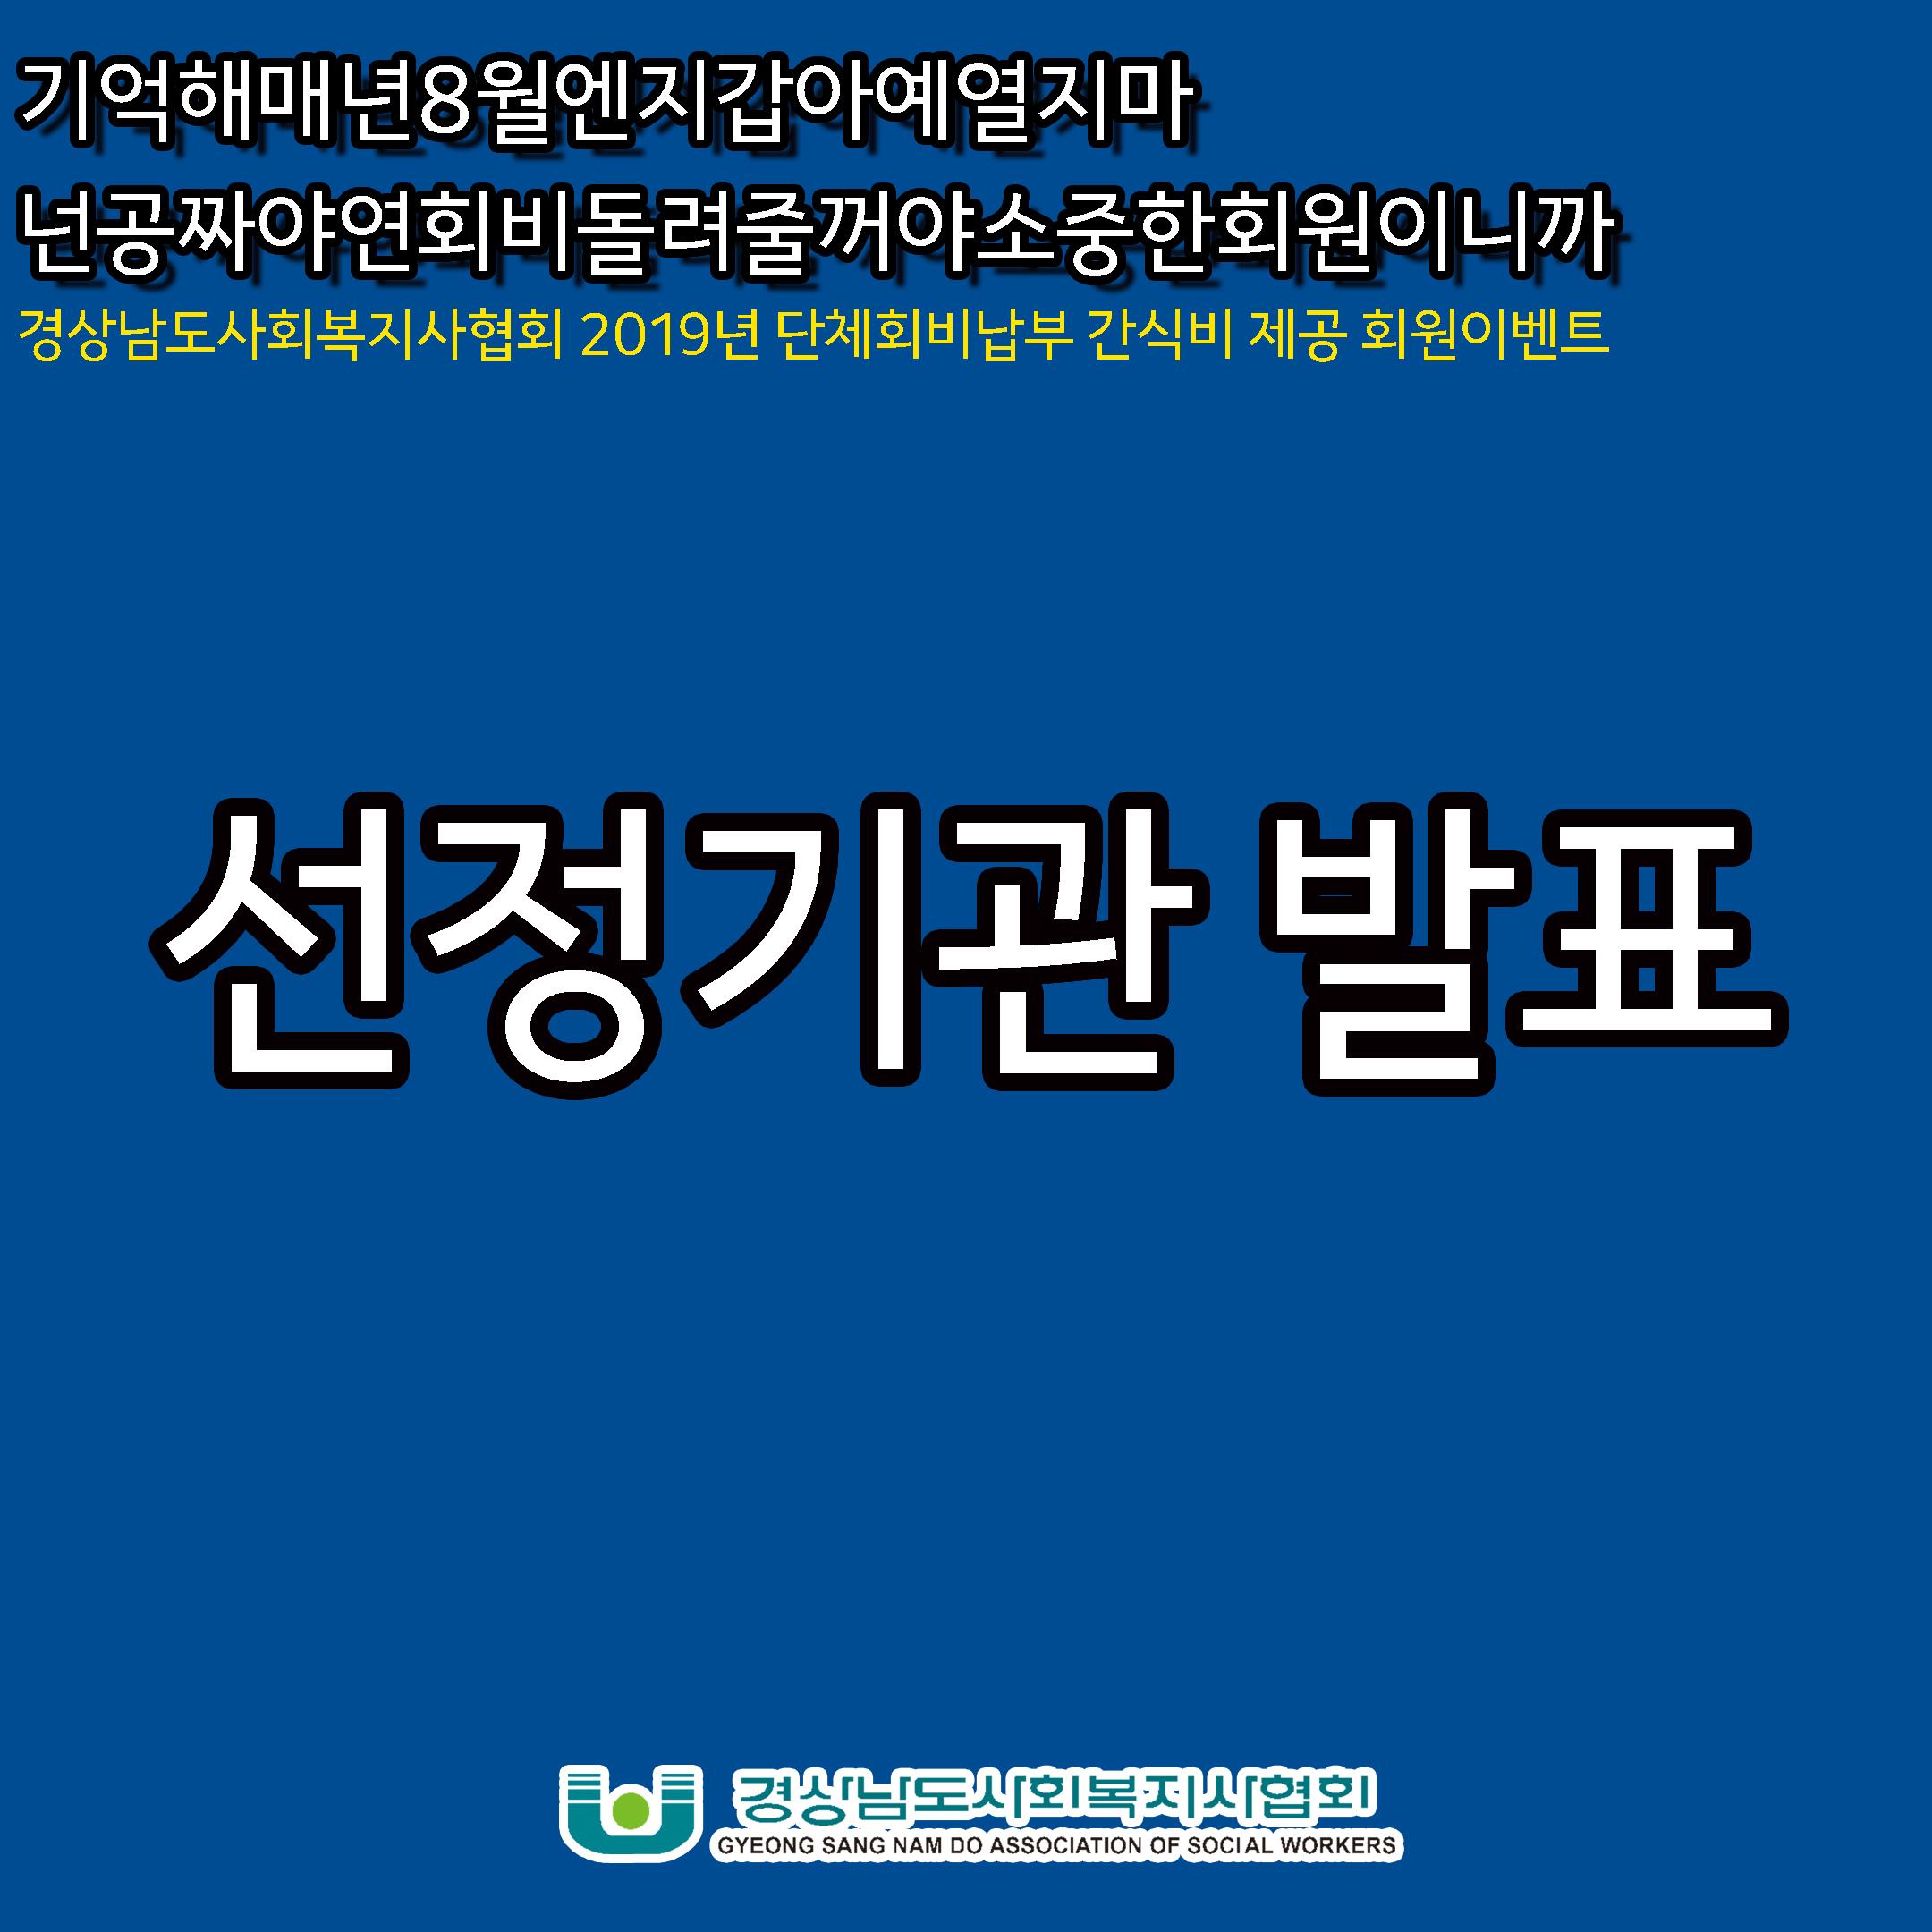 2019년 결과발표.jpg